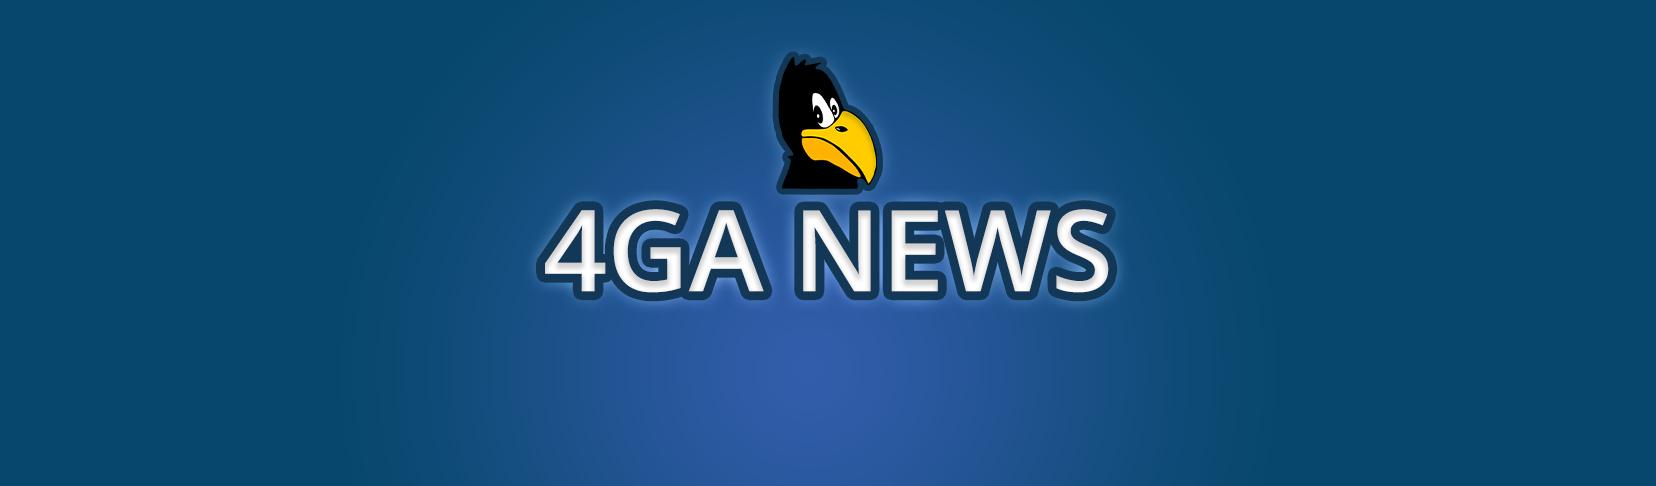 4ga News Universal